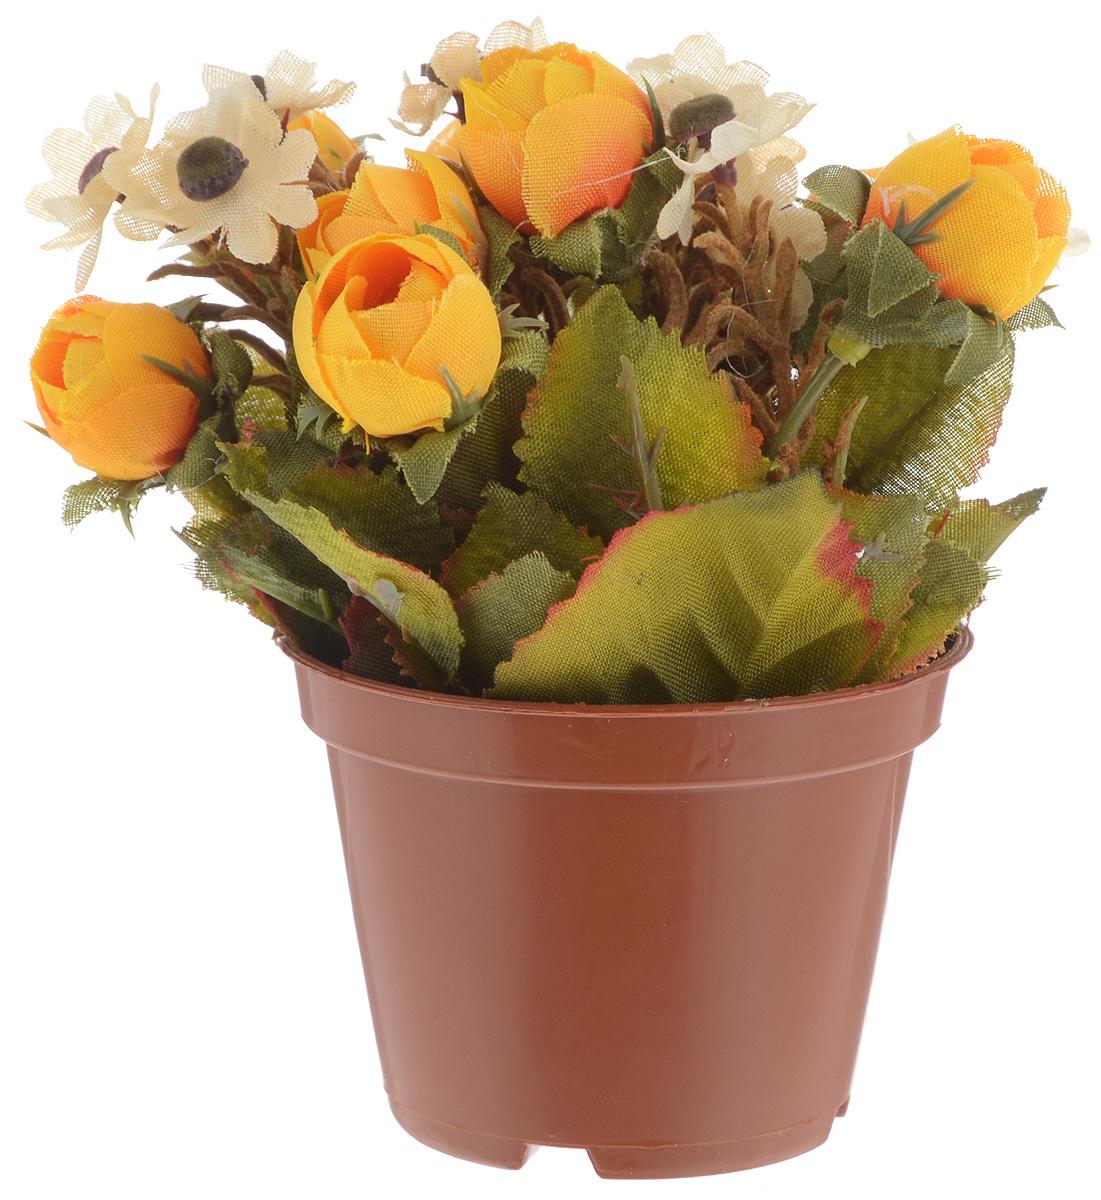 Растение искусственное для мини-сада Bloomits, цвет: желтый, зеленый, коричневый, высота 13 см804833_желтый, белыйИскусственное растение Bloomits поможет создать свой собственный мини-сад. Заниматься ландшафтным дизайном и декором теперь можно, даже если у вас нет своего загородного дома, причем не выходя из дома. Устройте себе удовольствие садовода, собирая миниатюрные фигурки и составляя из них различные композиции. Объедините миниатюрные изделия в емкости (керамический горшок, корзина, деревянный ящик или стеклянная посуда) и добавьте мини-растения. Это не только поможет увлекательно провести время, раскрывая ваше воображение и фантазию, результат работы станет стильным и необычным украшением интерьера.